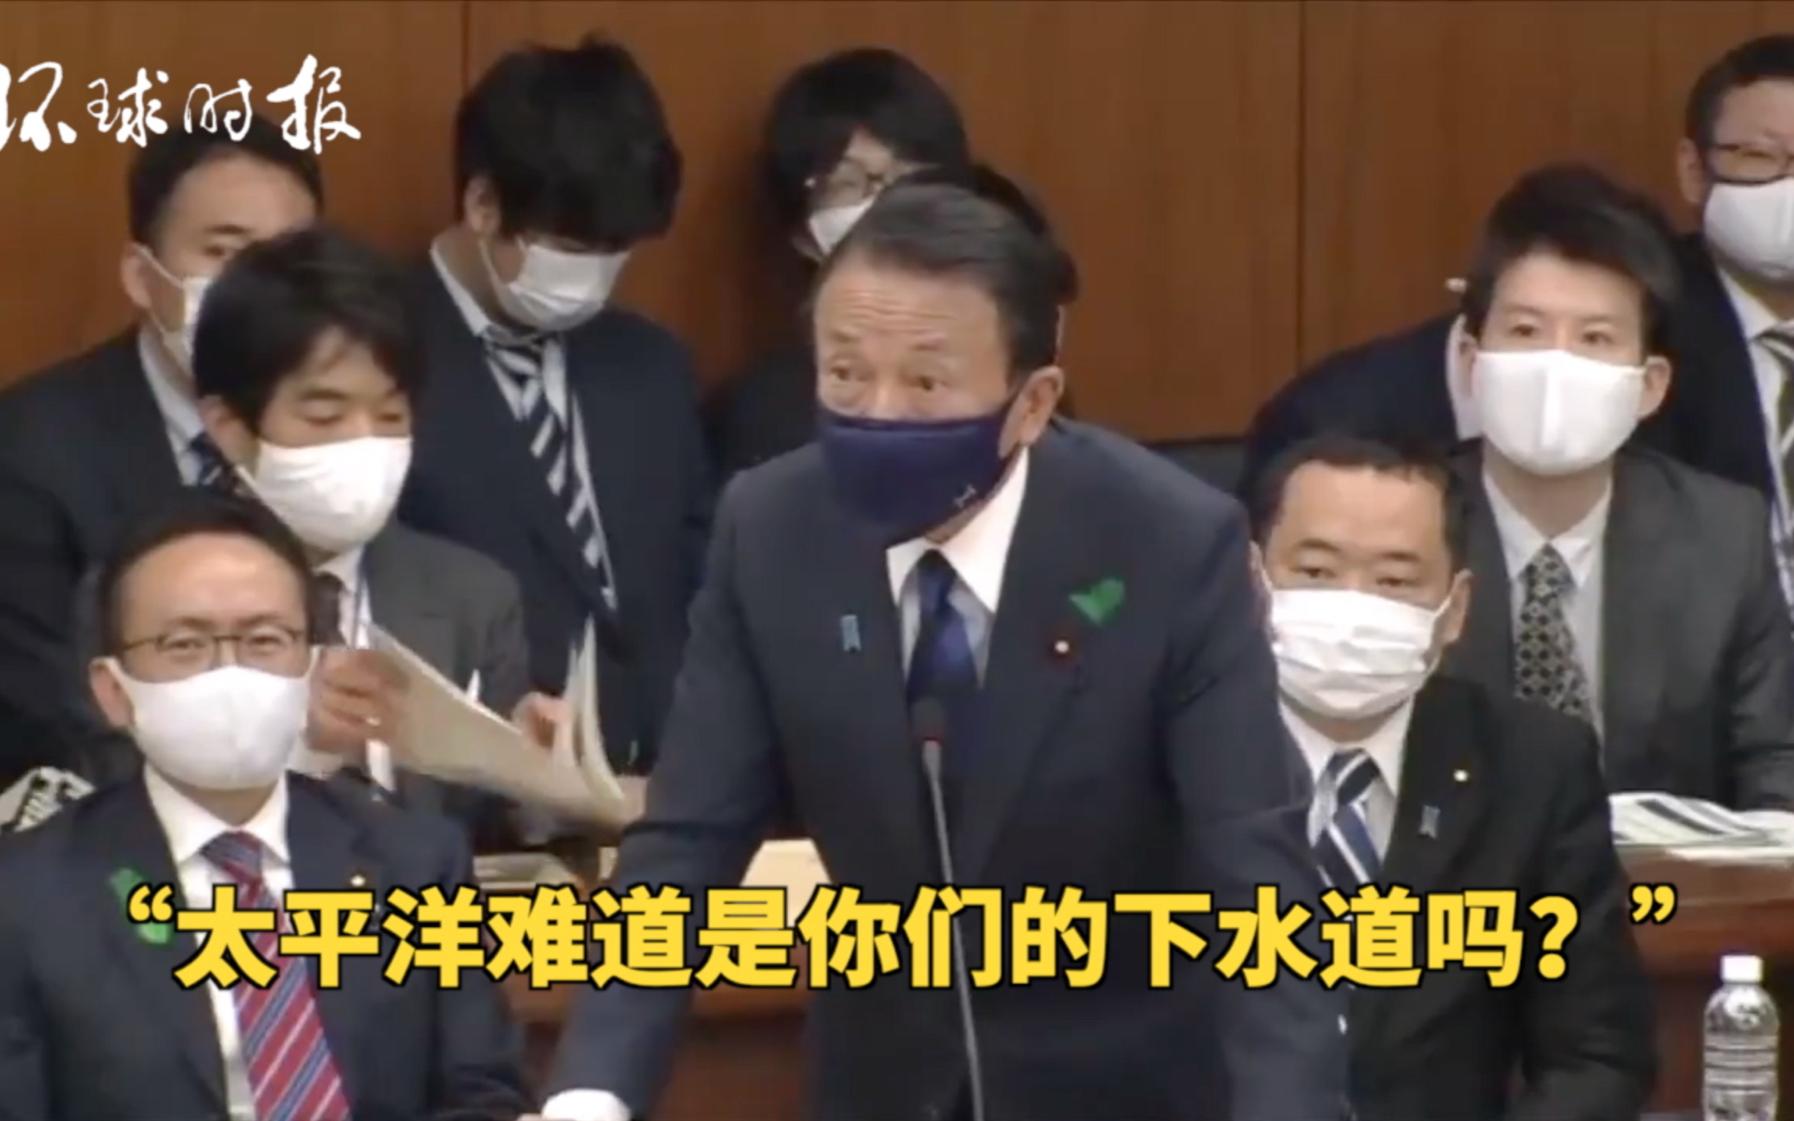 麻生太郎逻辑令人迷惑:那太平洋难道是中国的下水道吗?